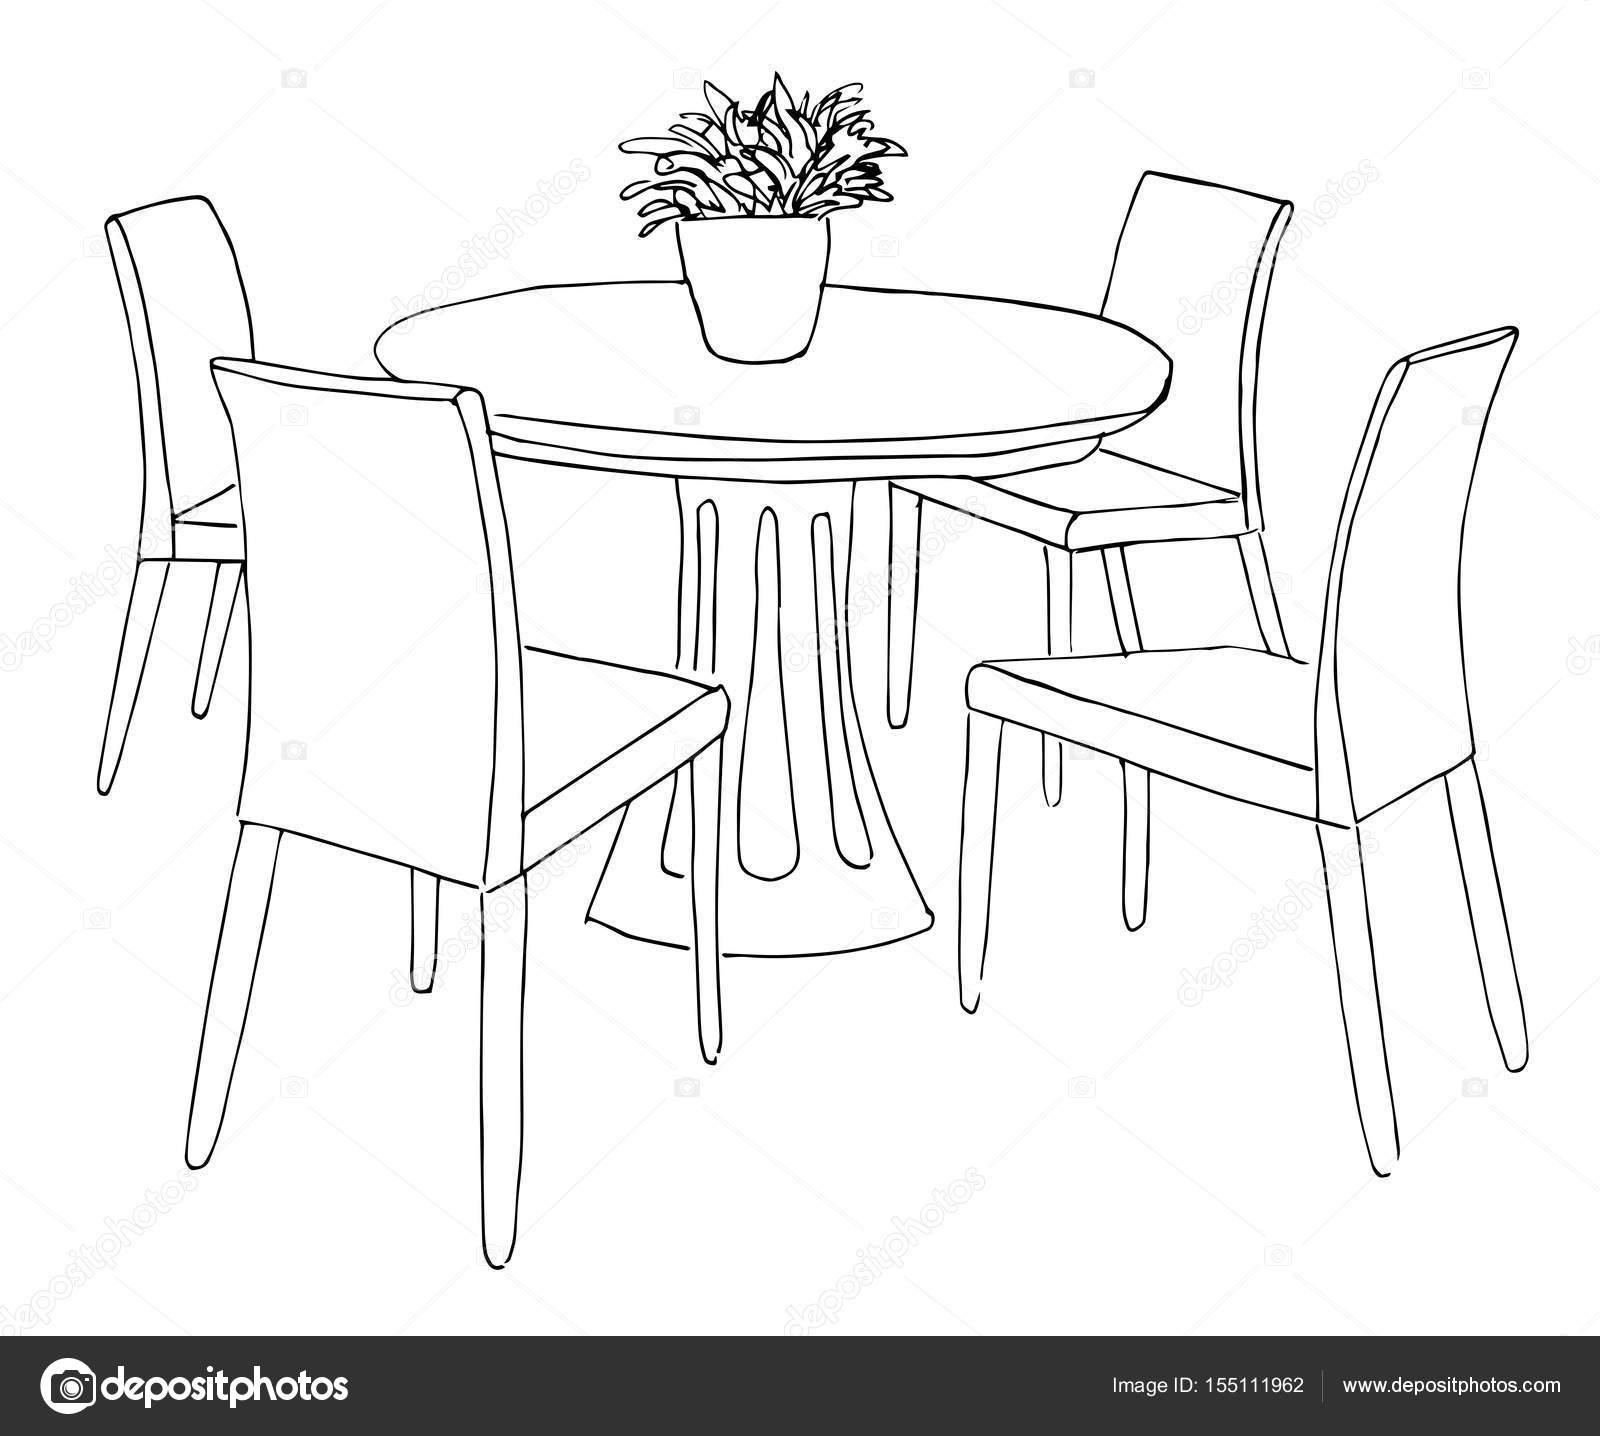 Teil Des Speisesaals Runder Tisch Und Stühle Auf Dem Tisch Vase